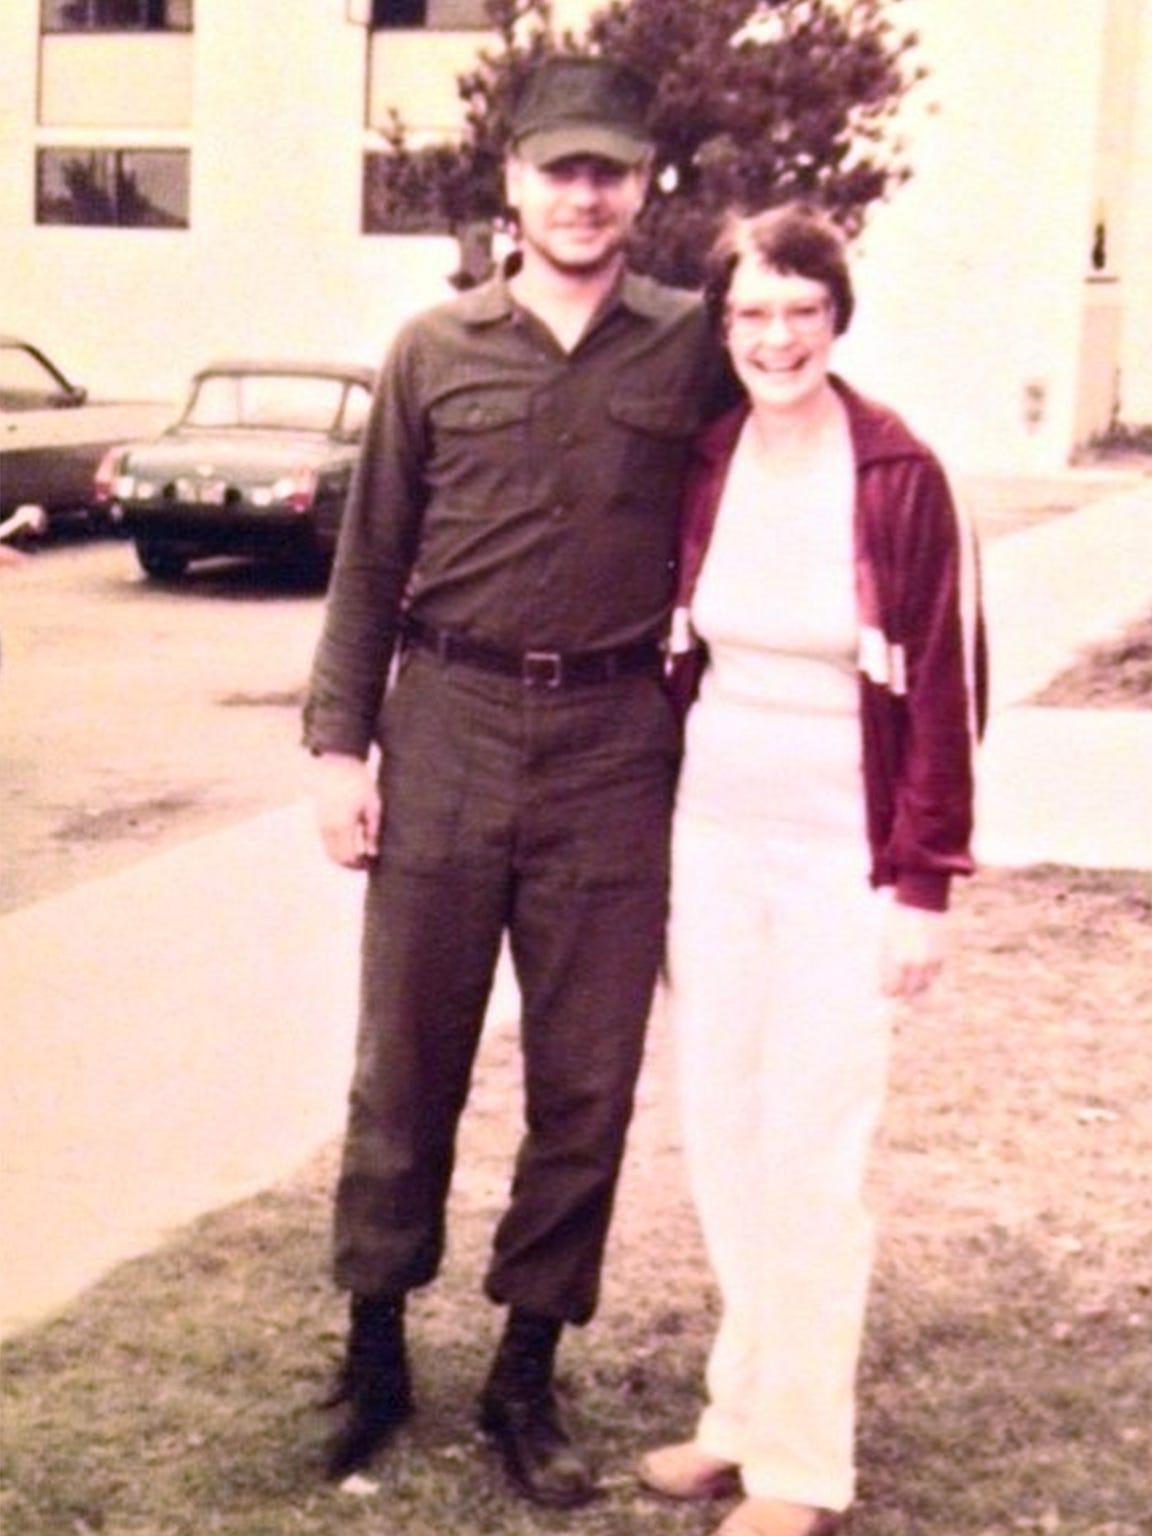 Phillip Benham poses with his mother Violette Benham